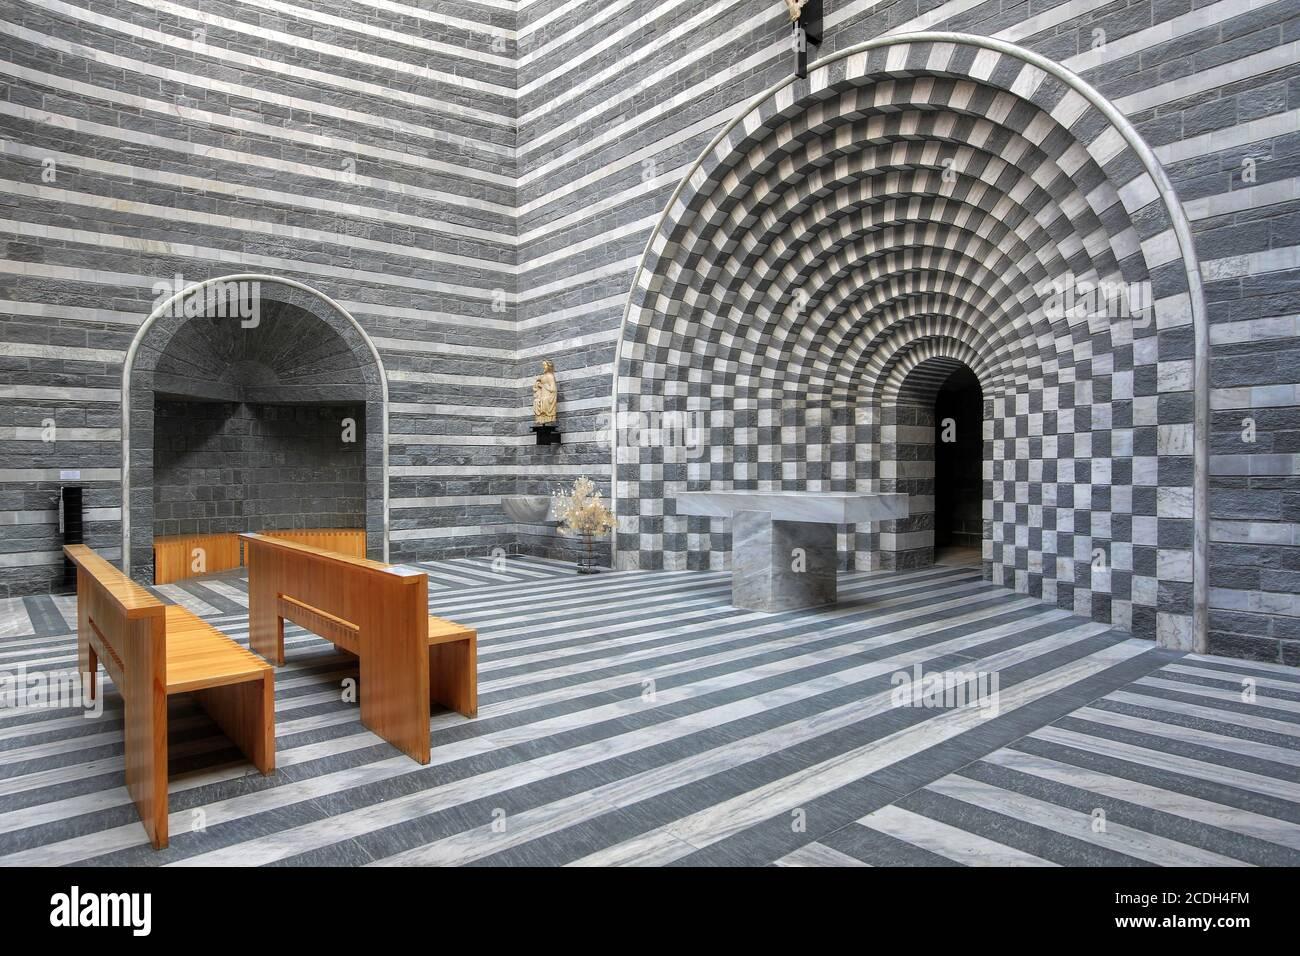 Increíble diseño interior moderno de la pequeña iglesia de San Giovanni Battista de Mongo en Valle Maggia, Ticino, Suiza. El diseño, por el Tici Foto de stock